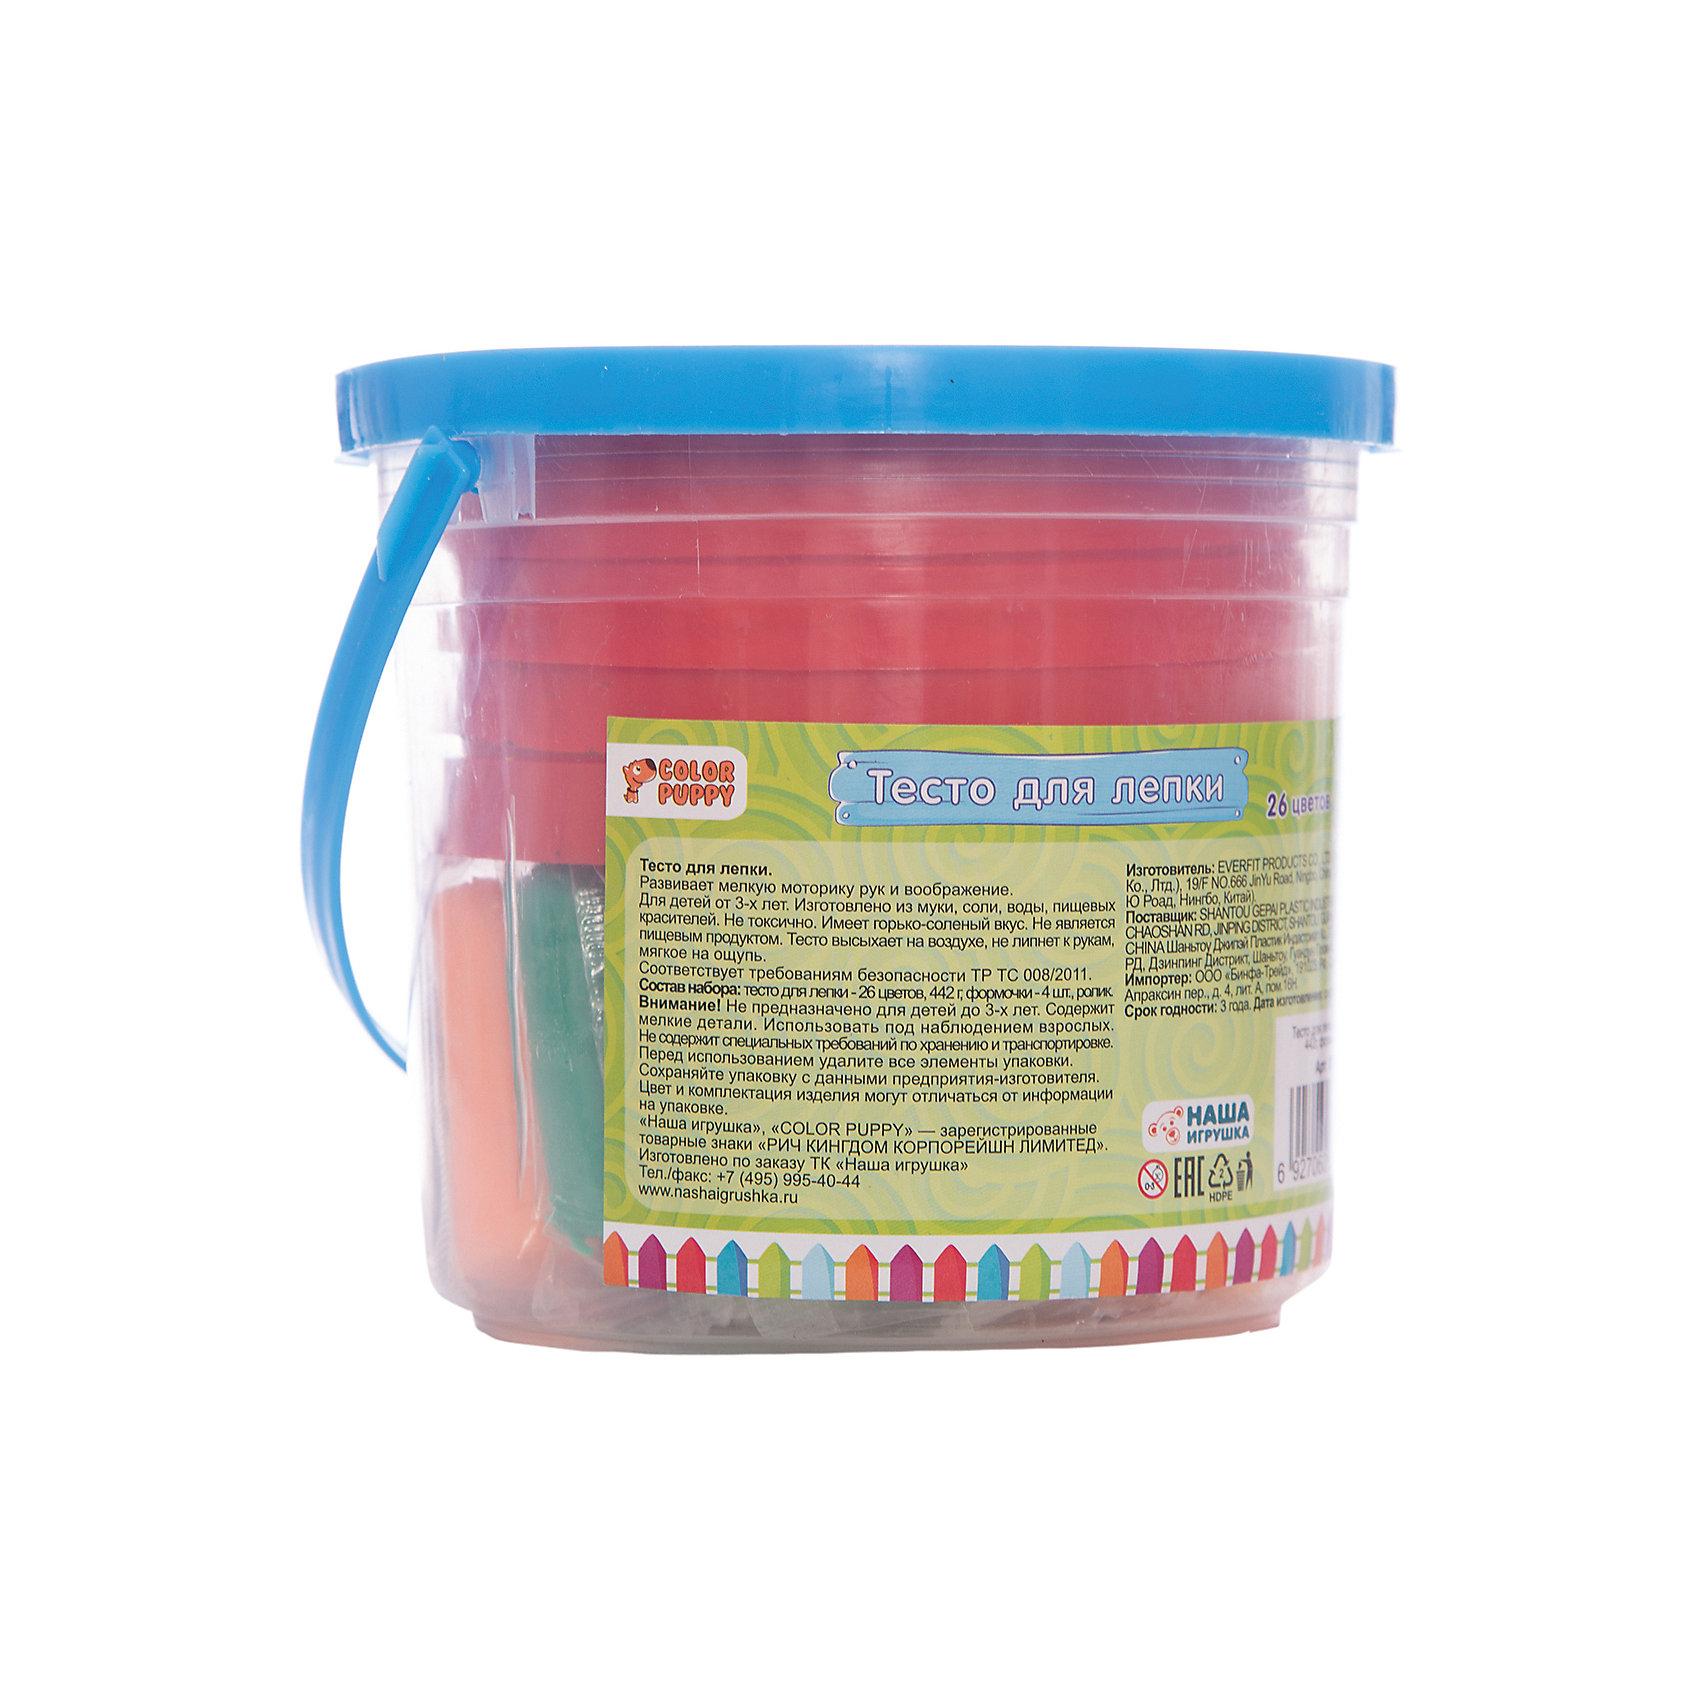 Тесто для лепки: 26 цветов, 442г, формы, роликТесто для лепки<br>Замечательный подарок для юного скульпутора - набор для лепки из теста! В наборе - 26 ярких цветных брусочков теста, а также фигурные формочки. Тесто изготовлено из муки, соли, воды и пищевых красителей - абсолютно безвредно для детей. Тесто высыхвает на воздухе, не липнет к руках и мягкое на ощупь. Занятие лепкой развивают моторику рук, воображение и мышление ребенка.<br><br>Ширина мм: 140<br>Глубина мм: 120<br>Высота мм: 140<br>Вес г: 739<br>Возраст от месяцев: 36<br>Возраст до месяцев: 108<br>Пол: Унисекс<br>Возраст: Детский<br>SKU: 5078401